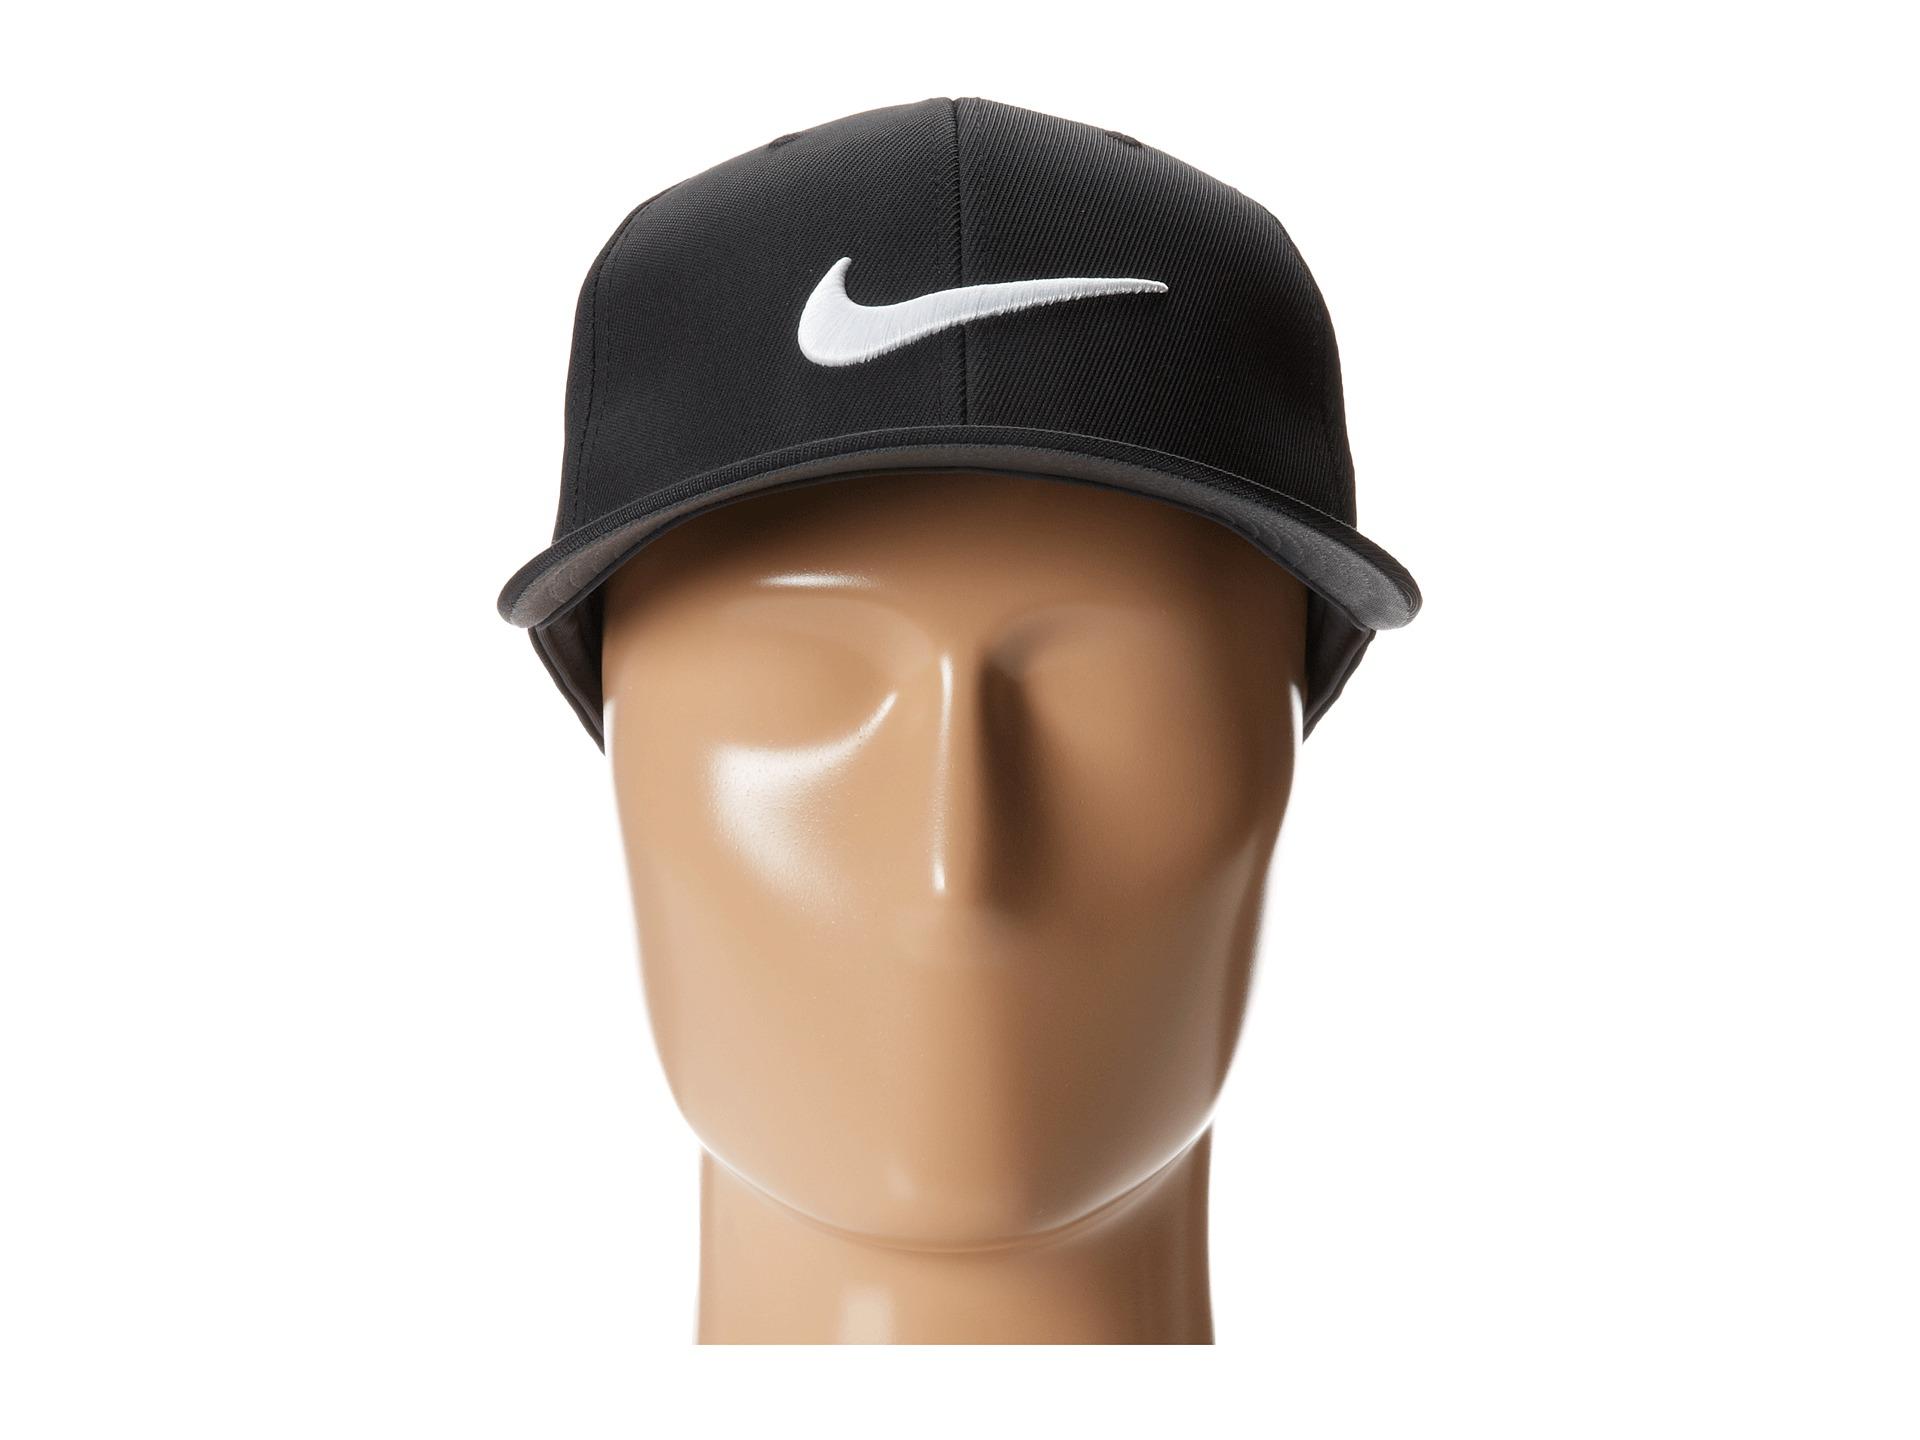 Lyst nike flat bill tour cap in black for men jpg 1920x1440 Curved flat  bill hats 95b851120bd5